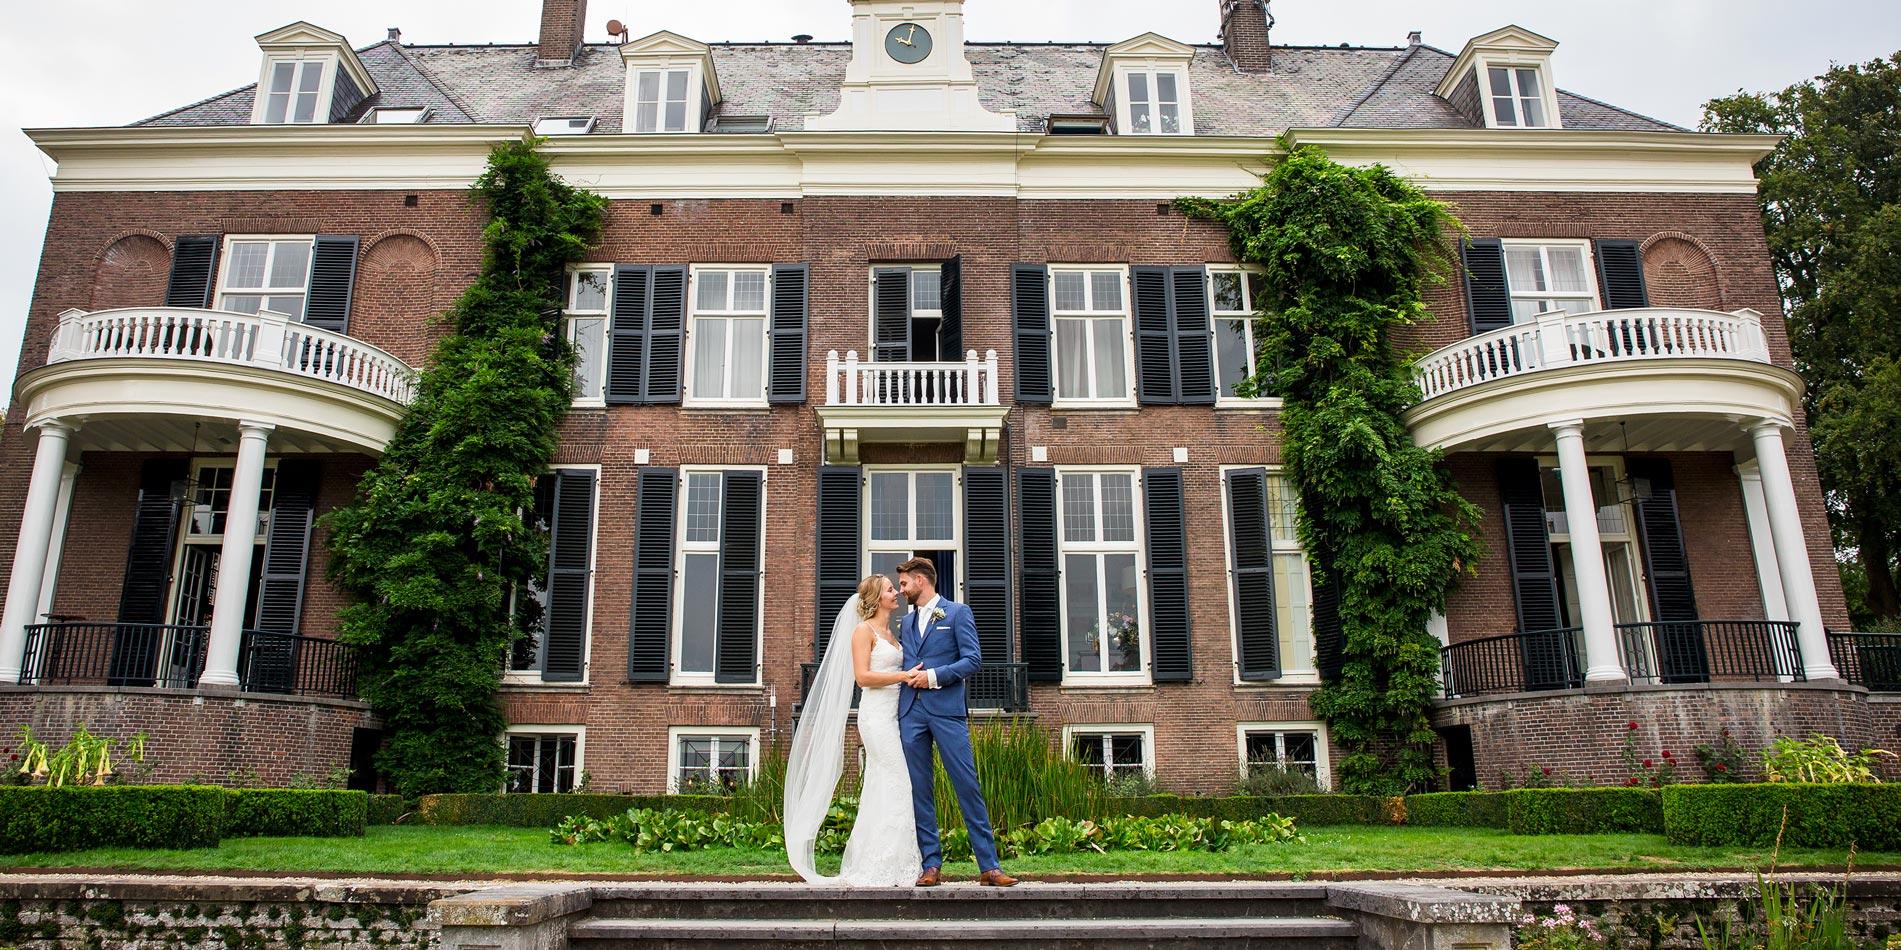 021_trouwen_voorbeeld_album_landgoed_rhederoord_bruiloft_trouwlocatie_trouwinspiratie